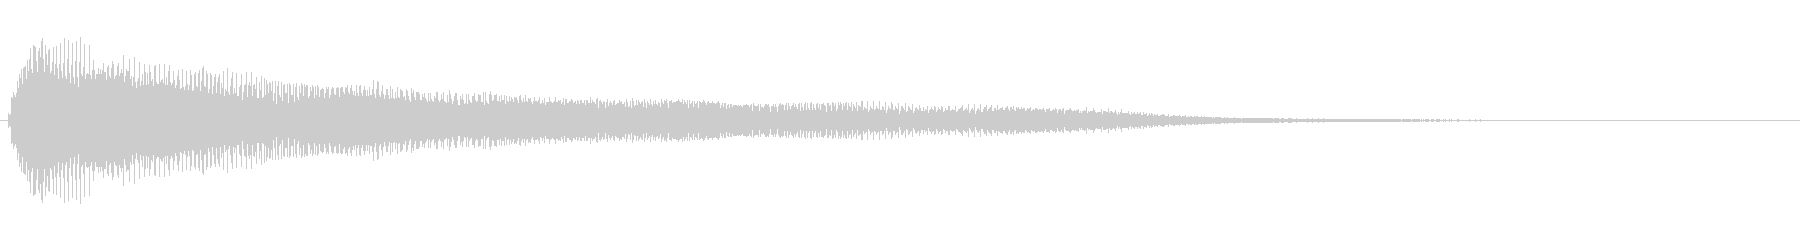 残念・失敗・呆れ・コミカル Low-3の未再生の波形